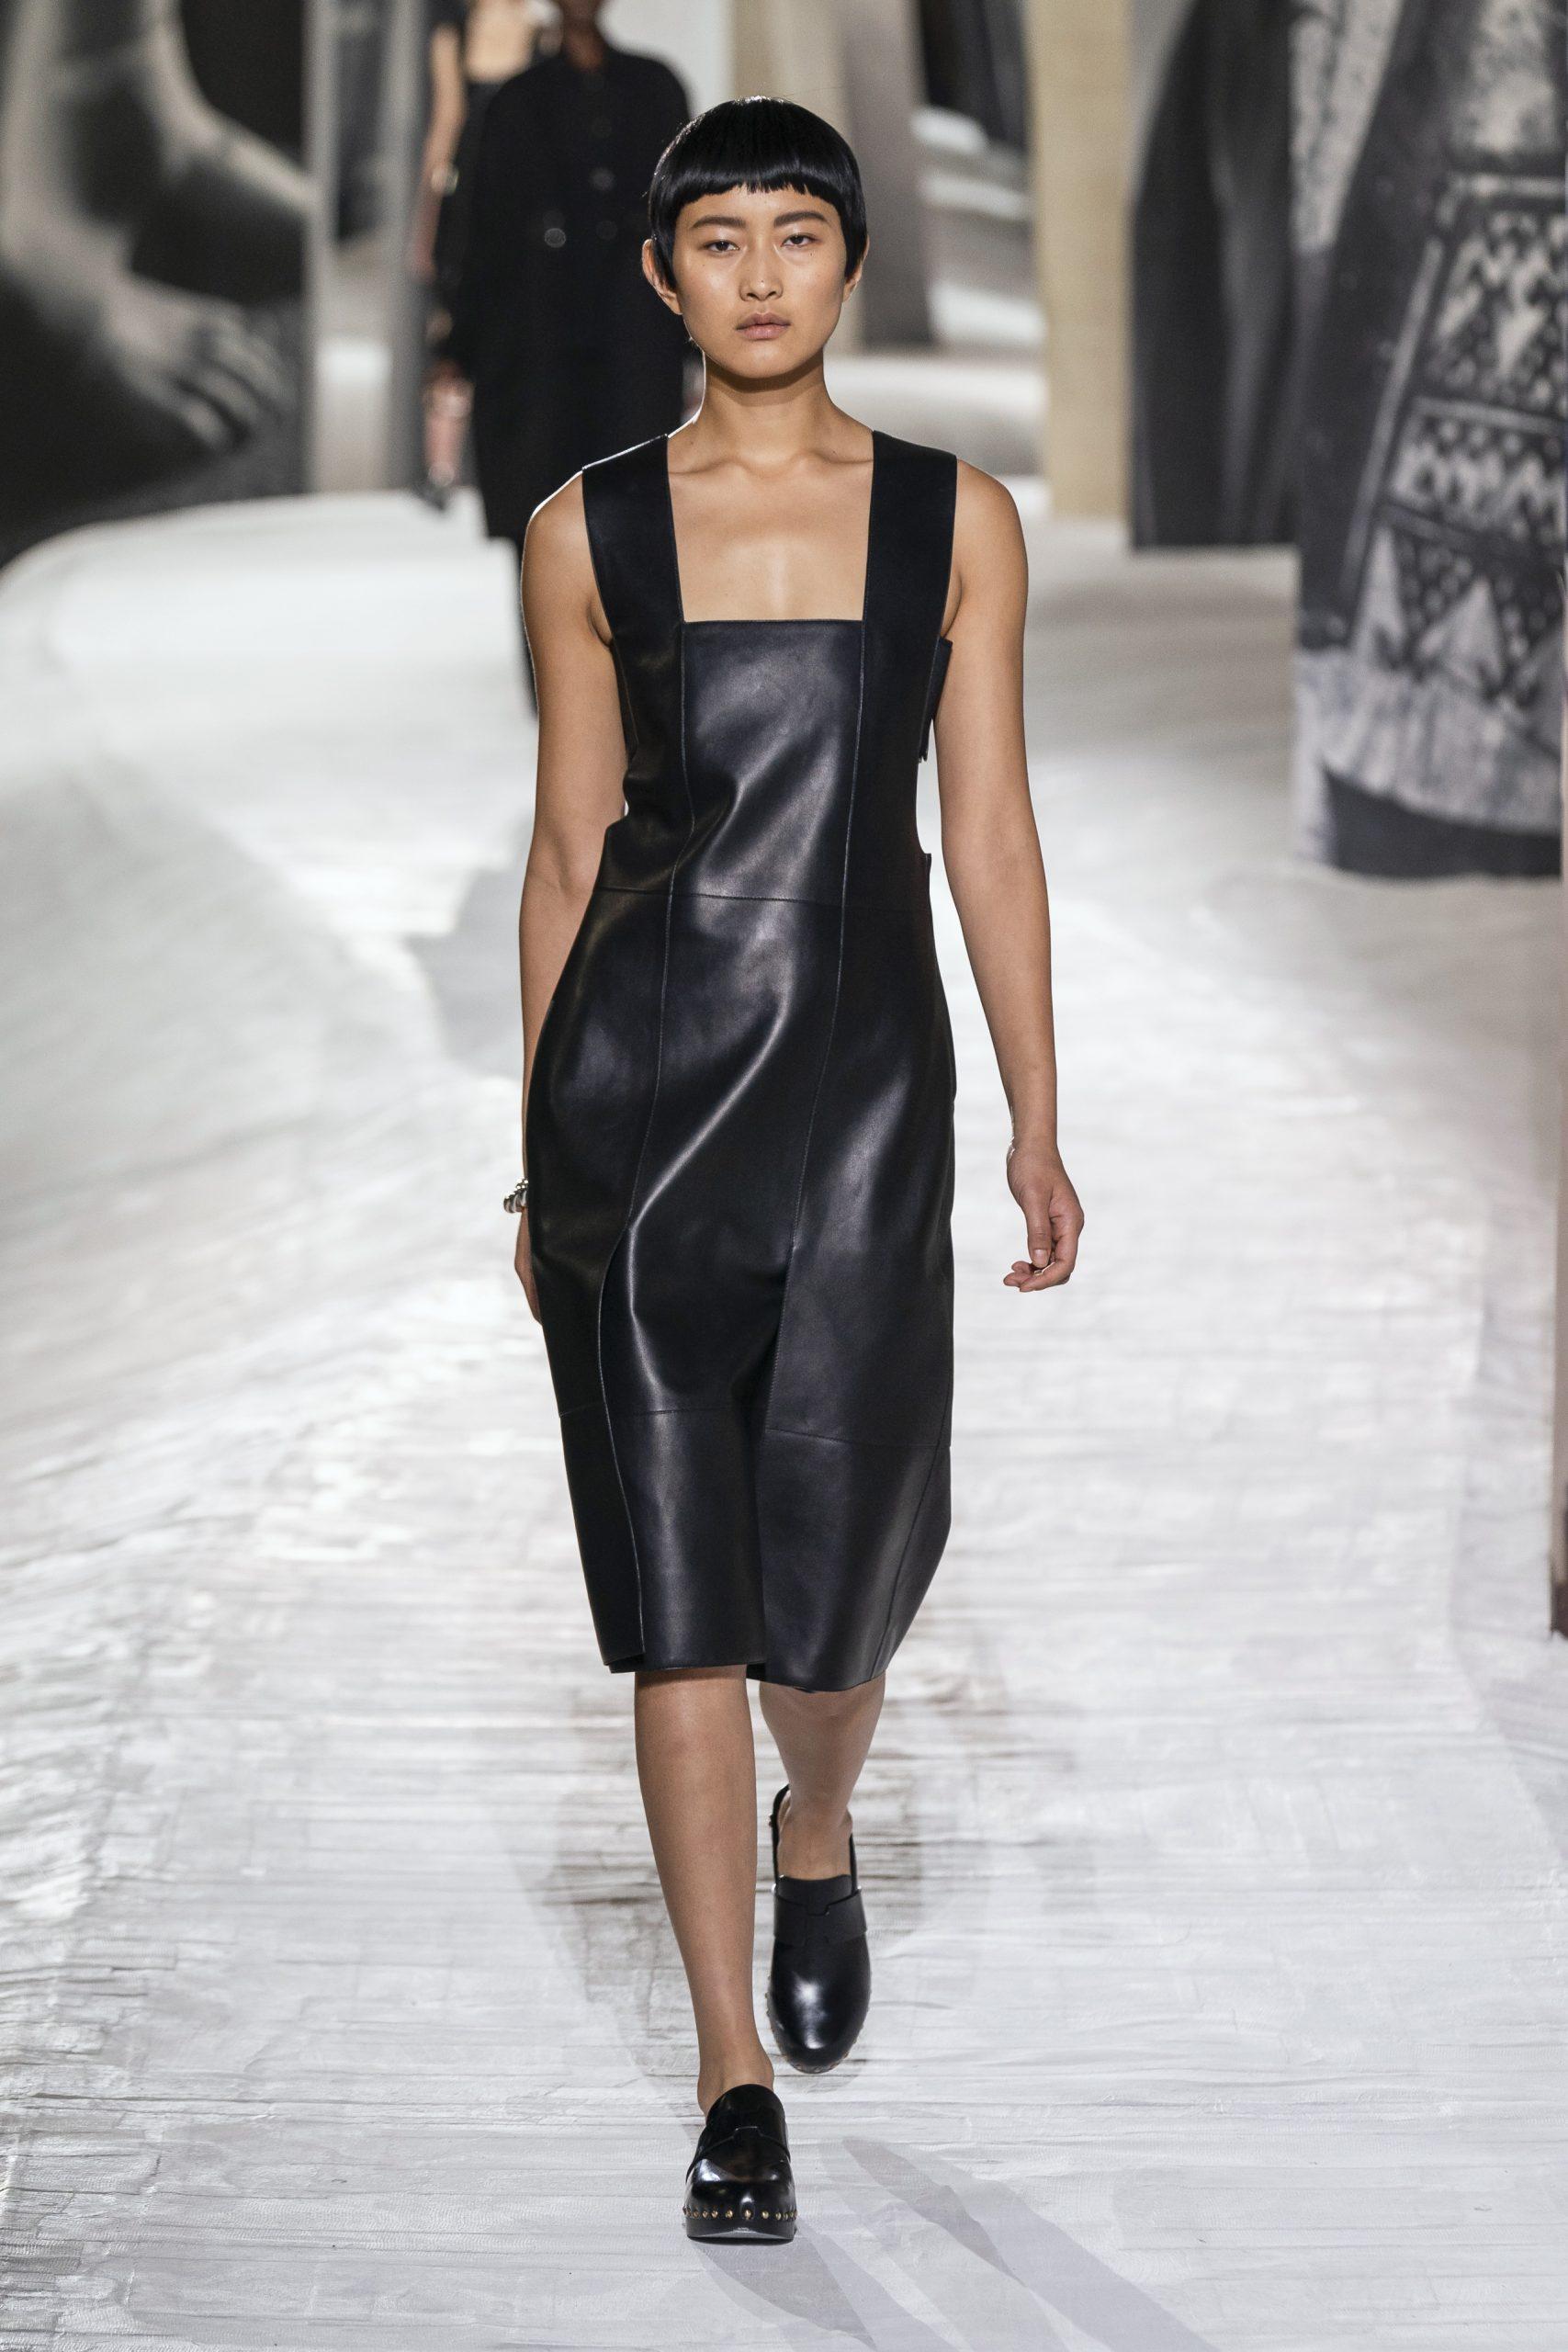 18. kép: Párizsi divathét - Hermès - 2021 tavasz-nyár - ready to wear